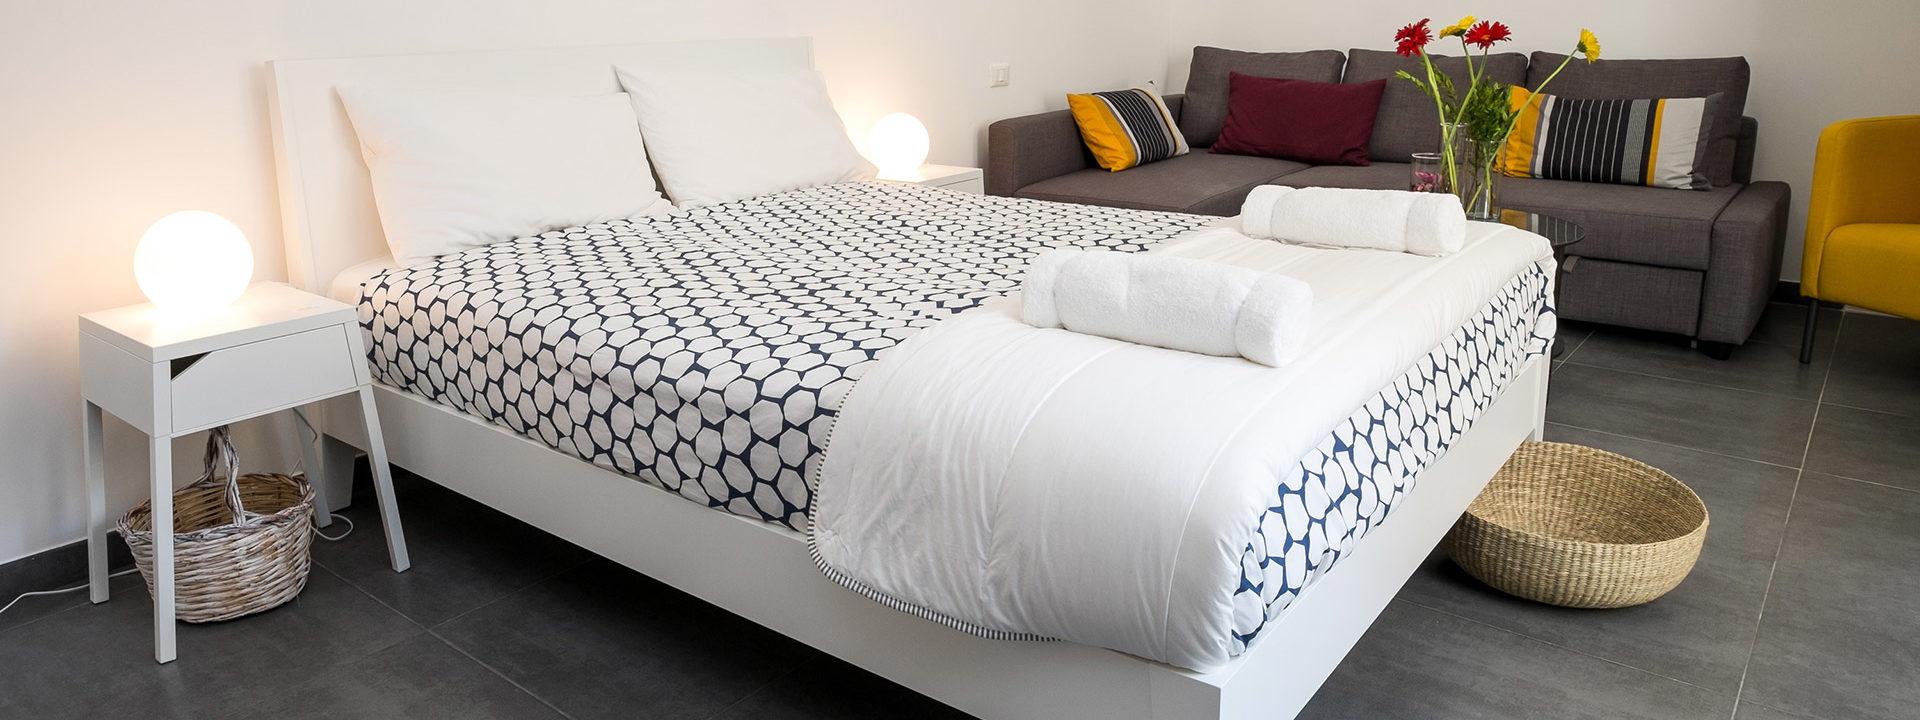 La camera con letto matrimoniale - indigo